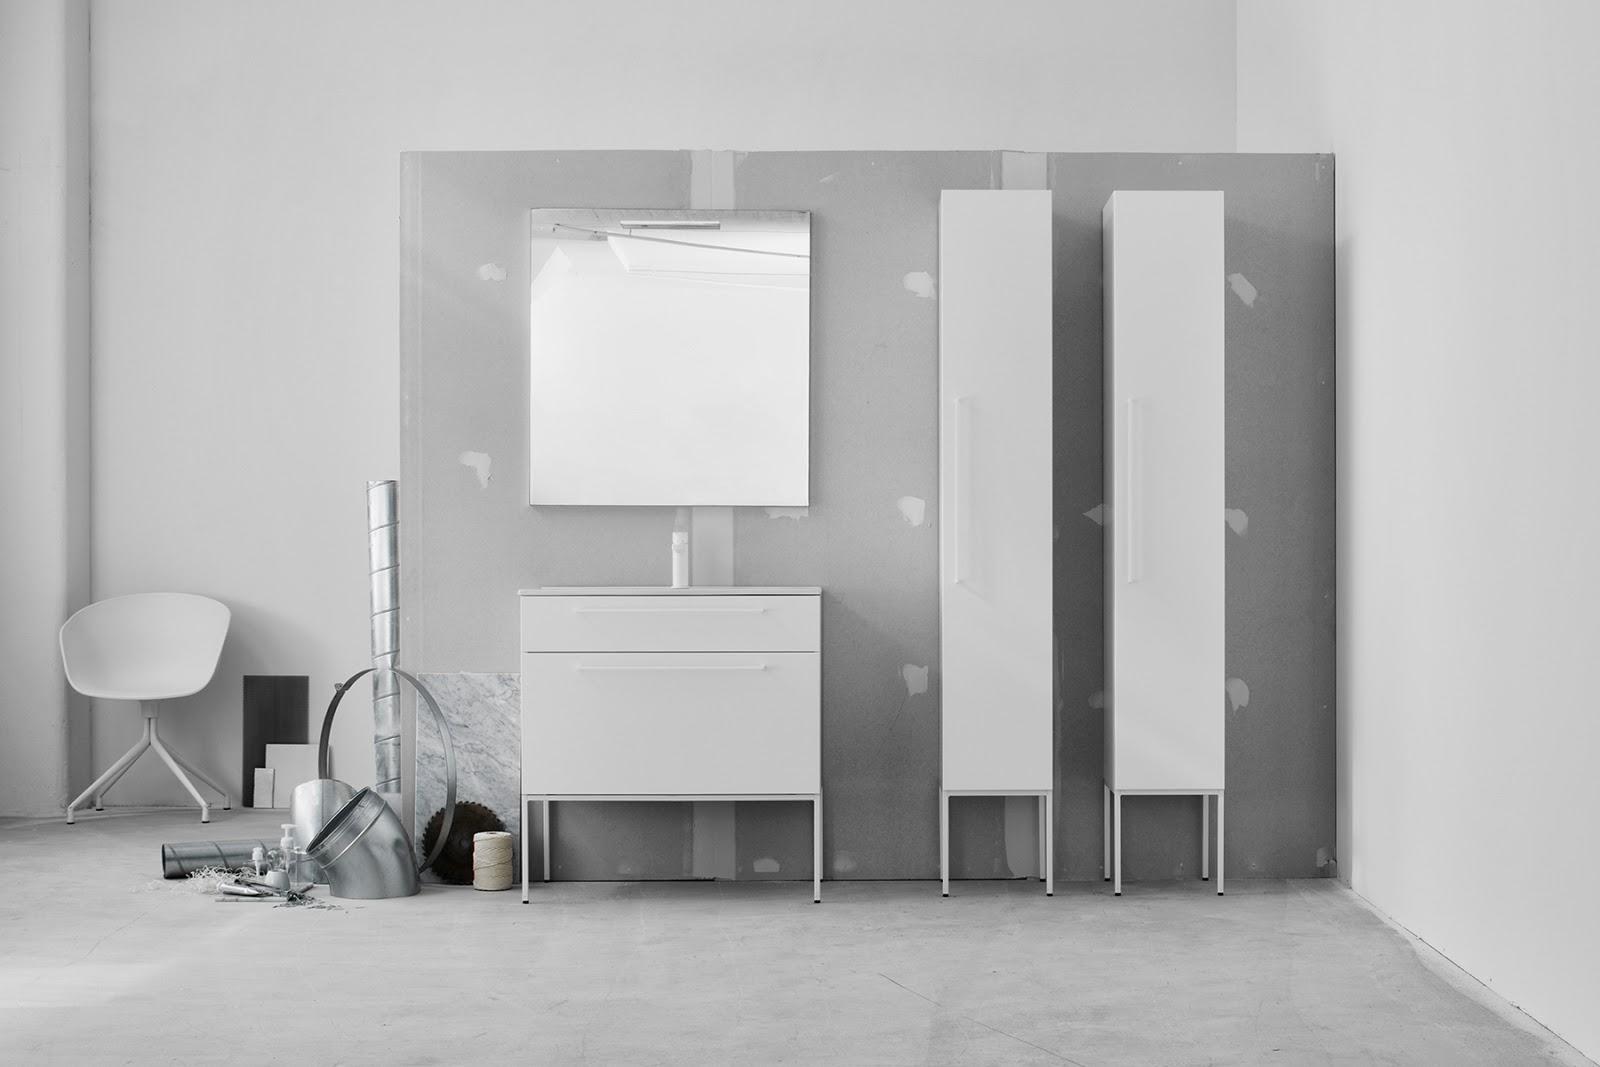 Vitt, grått, vitt, grått. Foto: Pressbilder Swoon